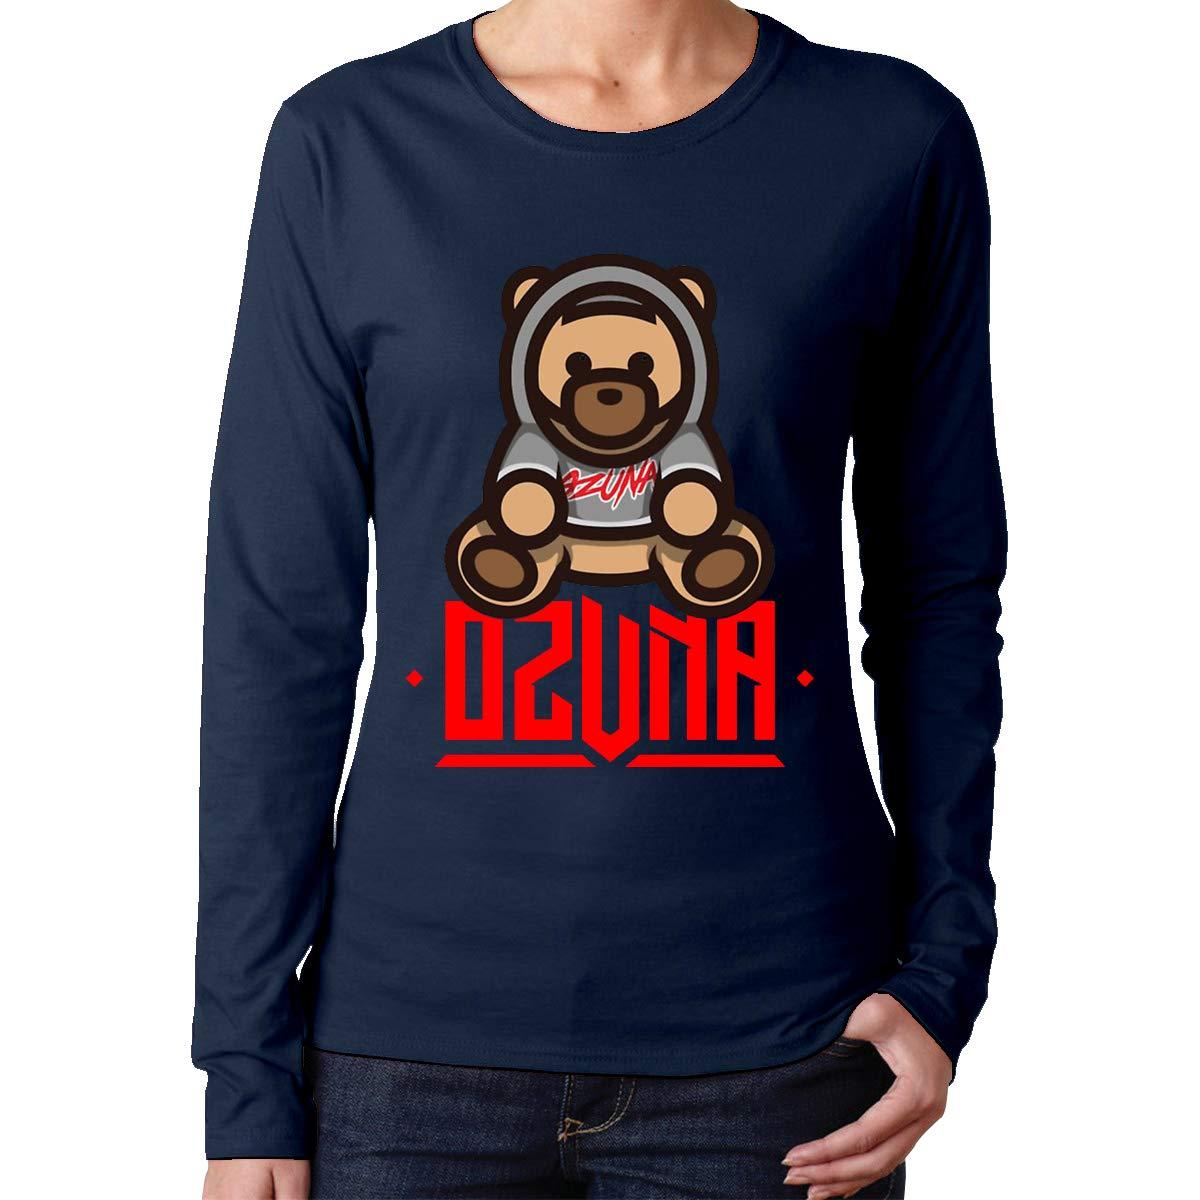 Blink 182 Girls Funny Short Sleeve T Shirt 2t 6731   Jznovelty